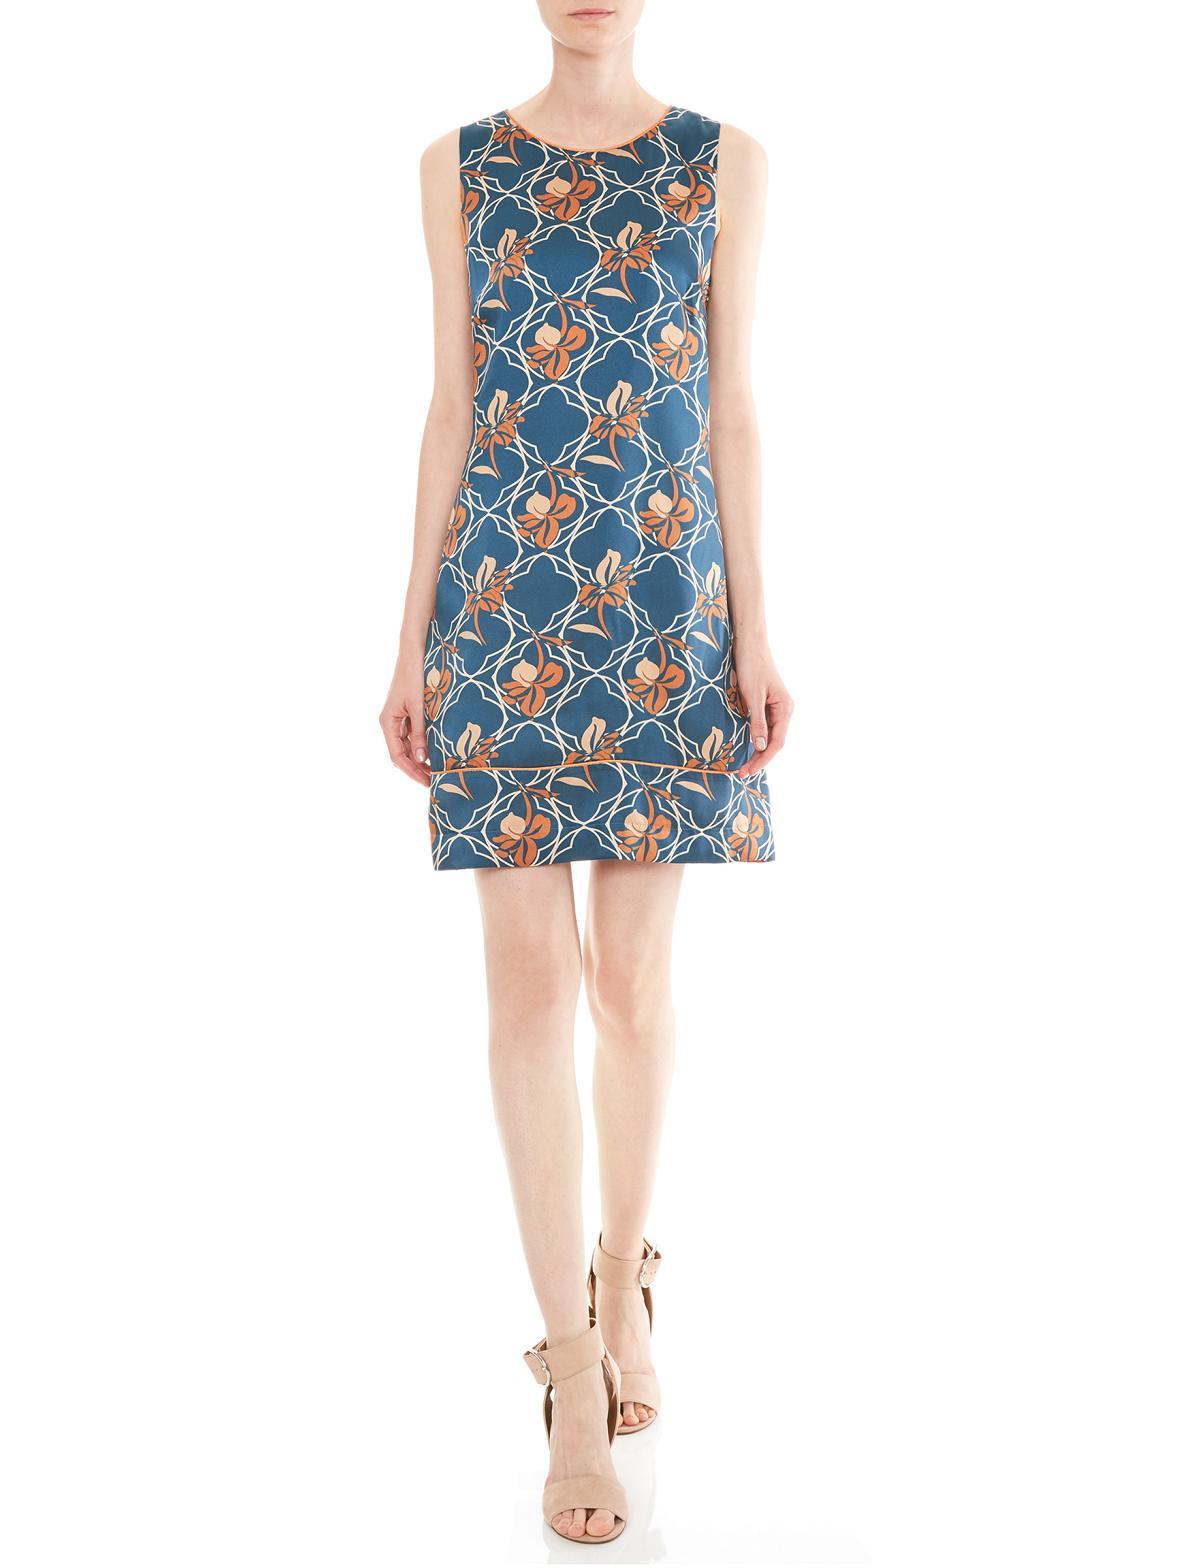 Vorderansicht von Ana Alcazar A-Linien Kleid Manexia  angezogen an Model